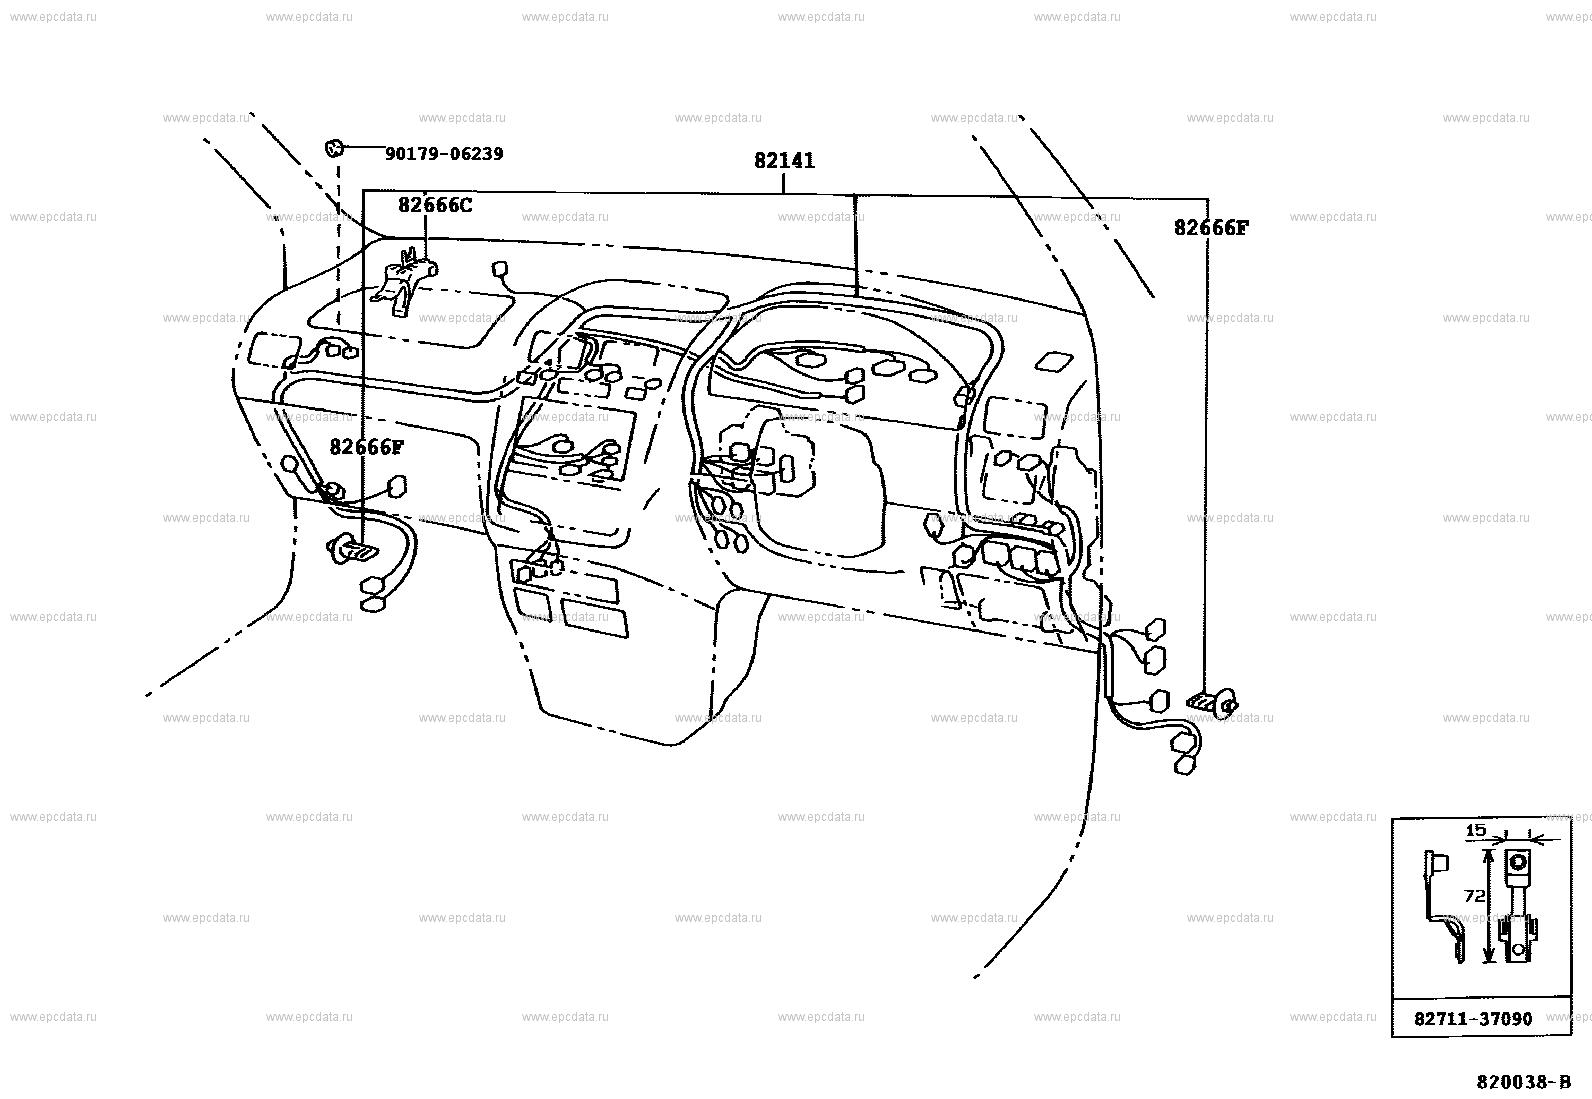 Wiring Diagram For Toyota Ipsum 2002